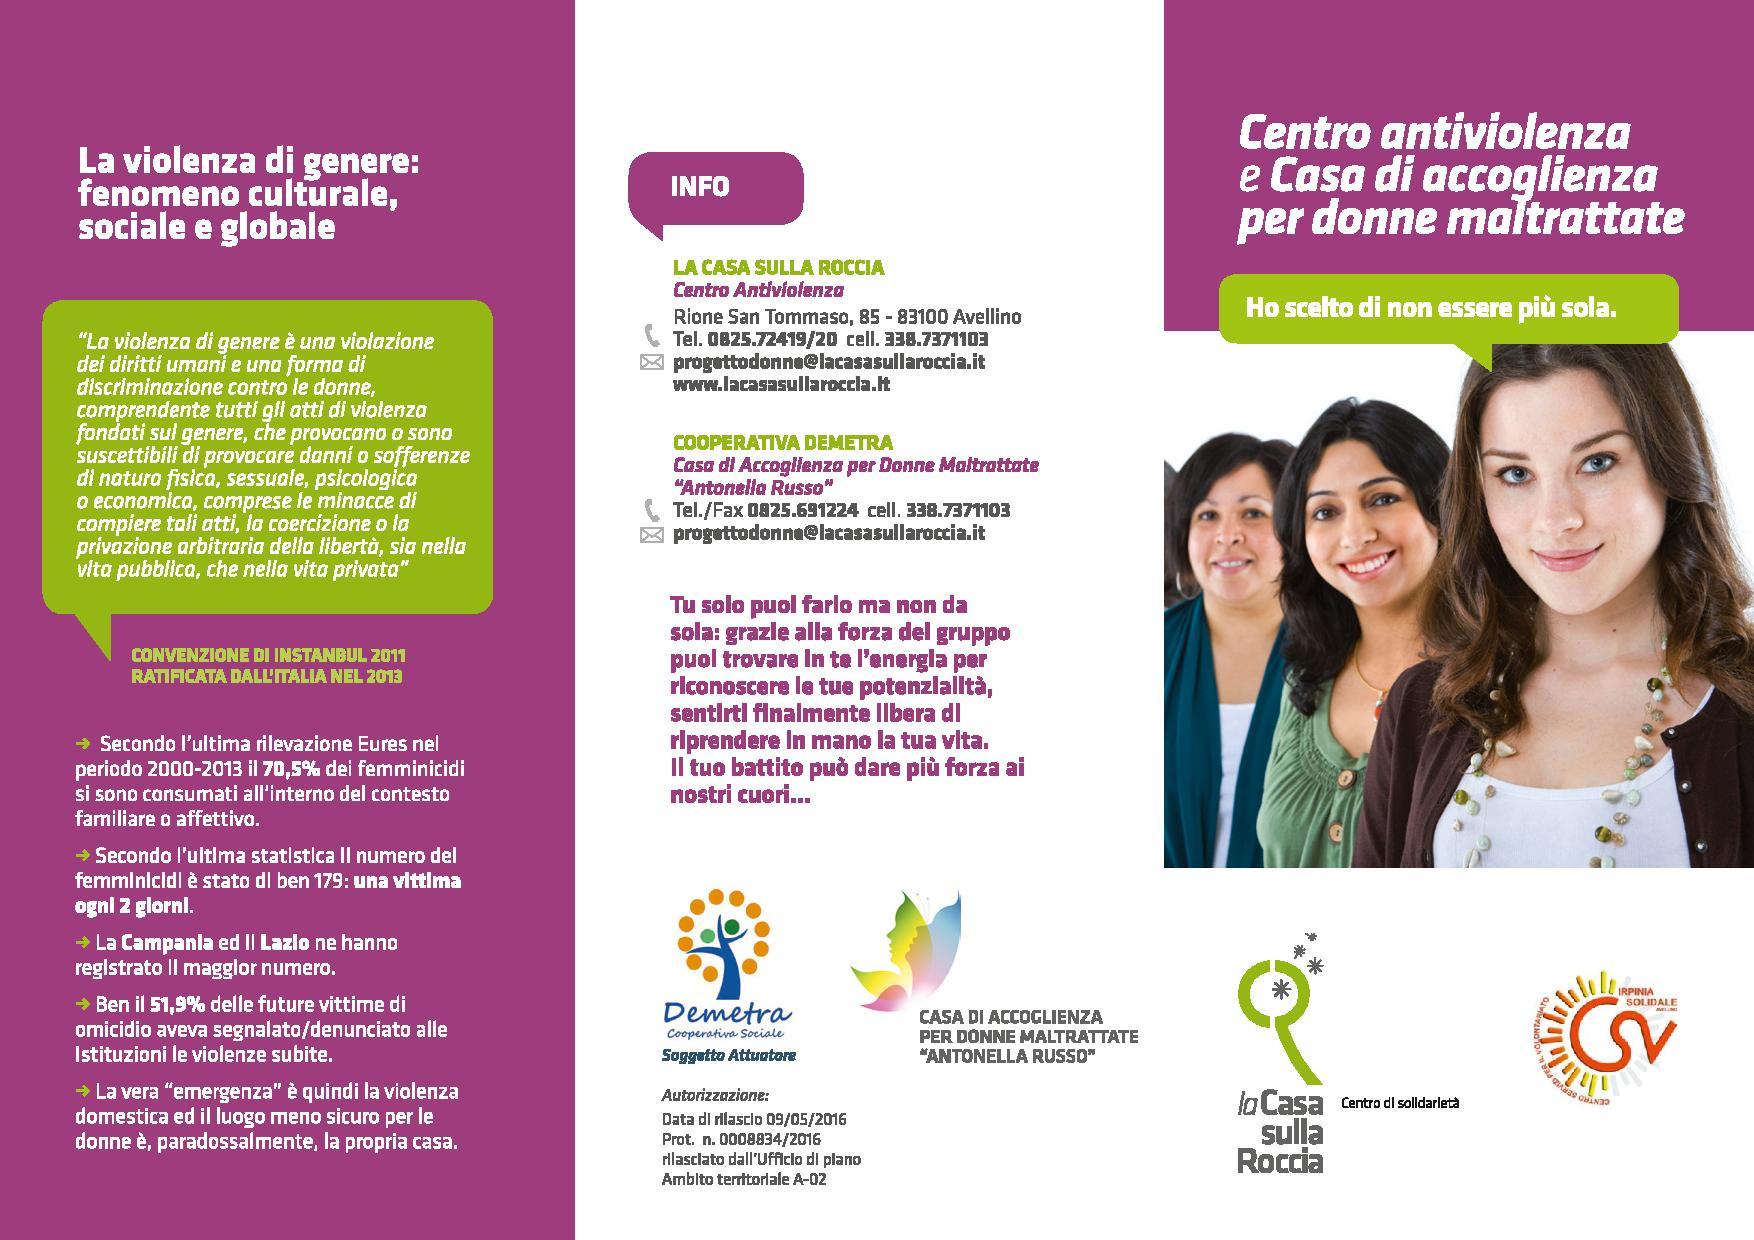 """Iniziativa progettuale """" SPAZIO DONNA""""- proposta di microprogettazione sociale 2014- 2015 finanziata dal Csv Solidale di Avellino"""